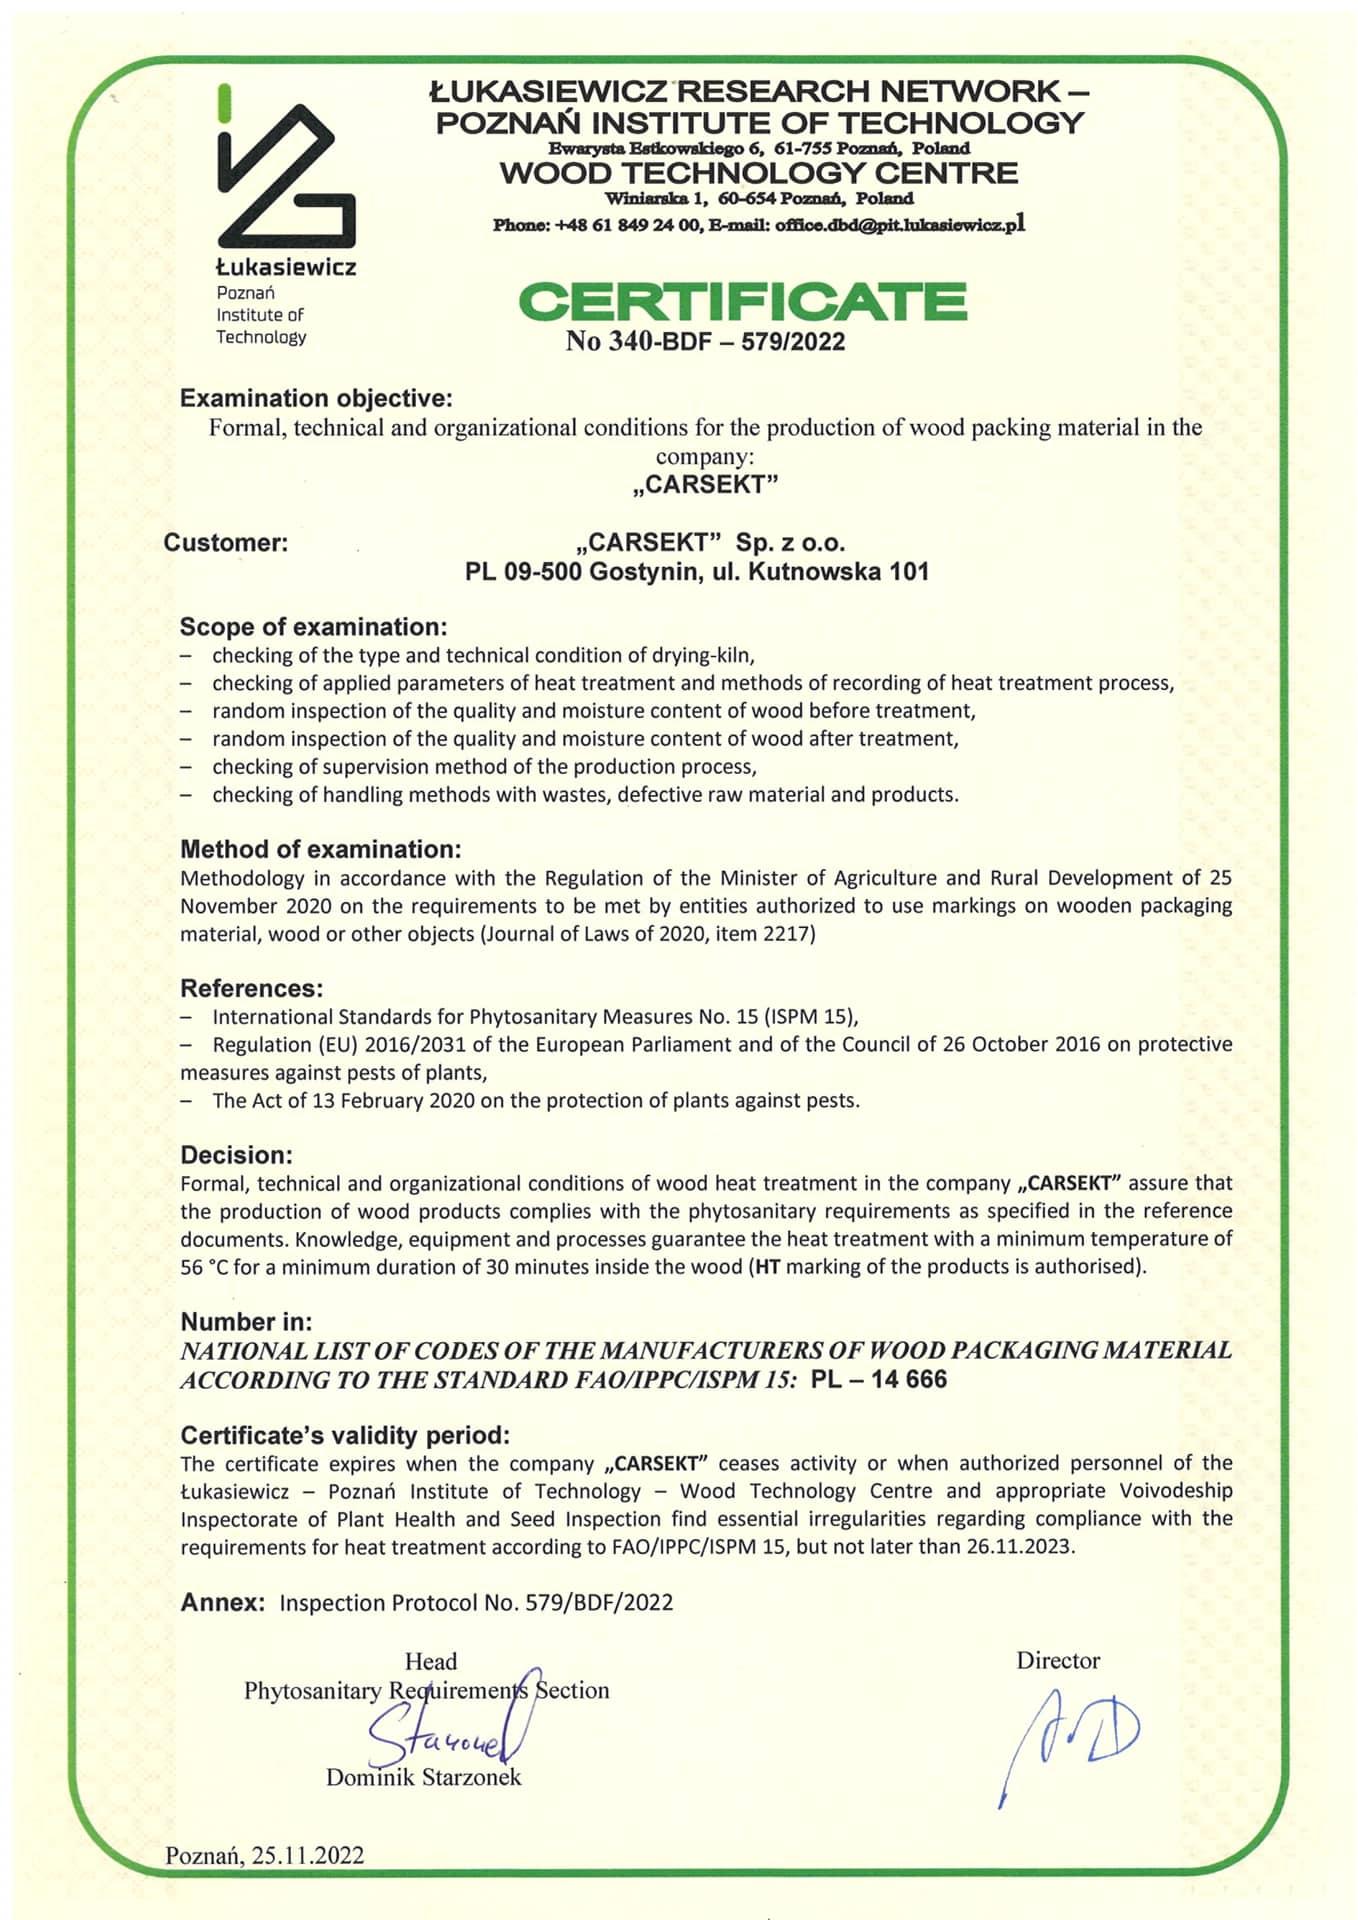 Warunki techniczne i organizacyjne produkcji opakowań z drewna